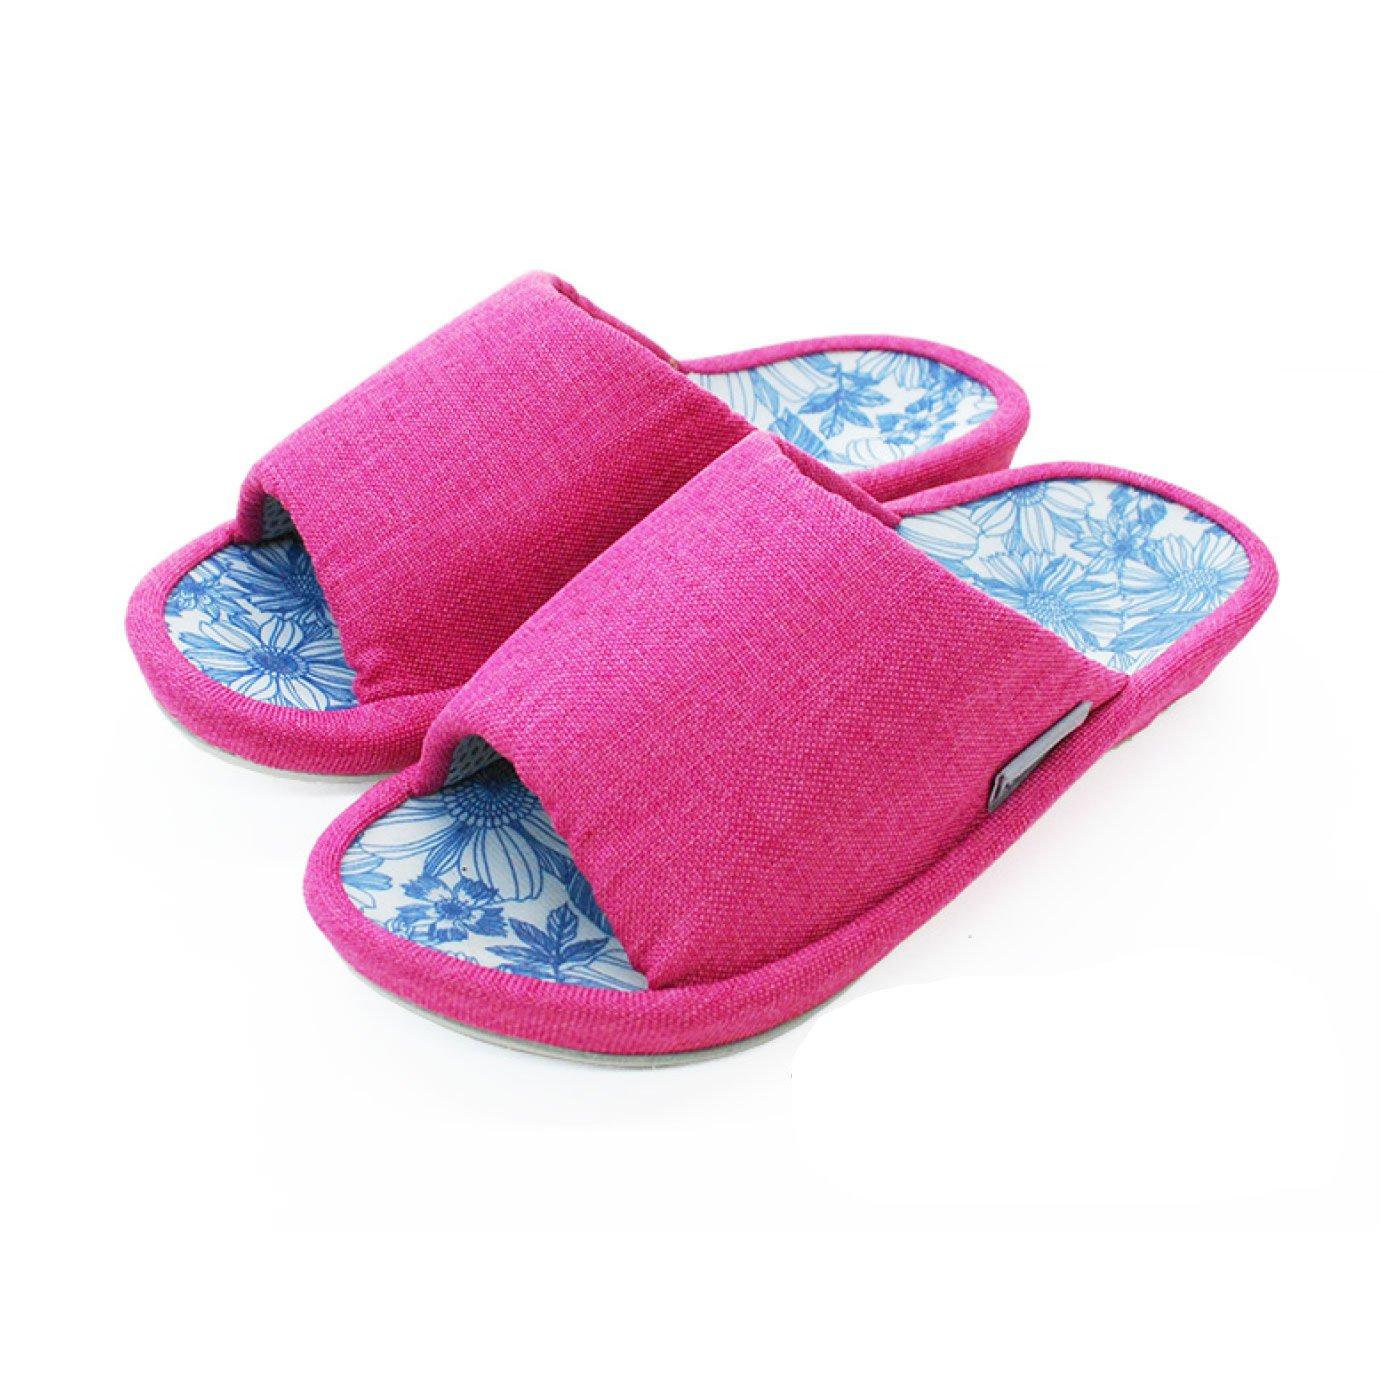 足裏フィットと冷感素材が気持ちいい コンフォートスリッパ